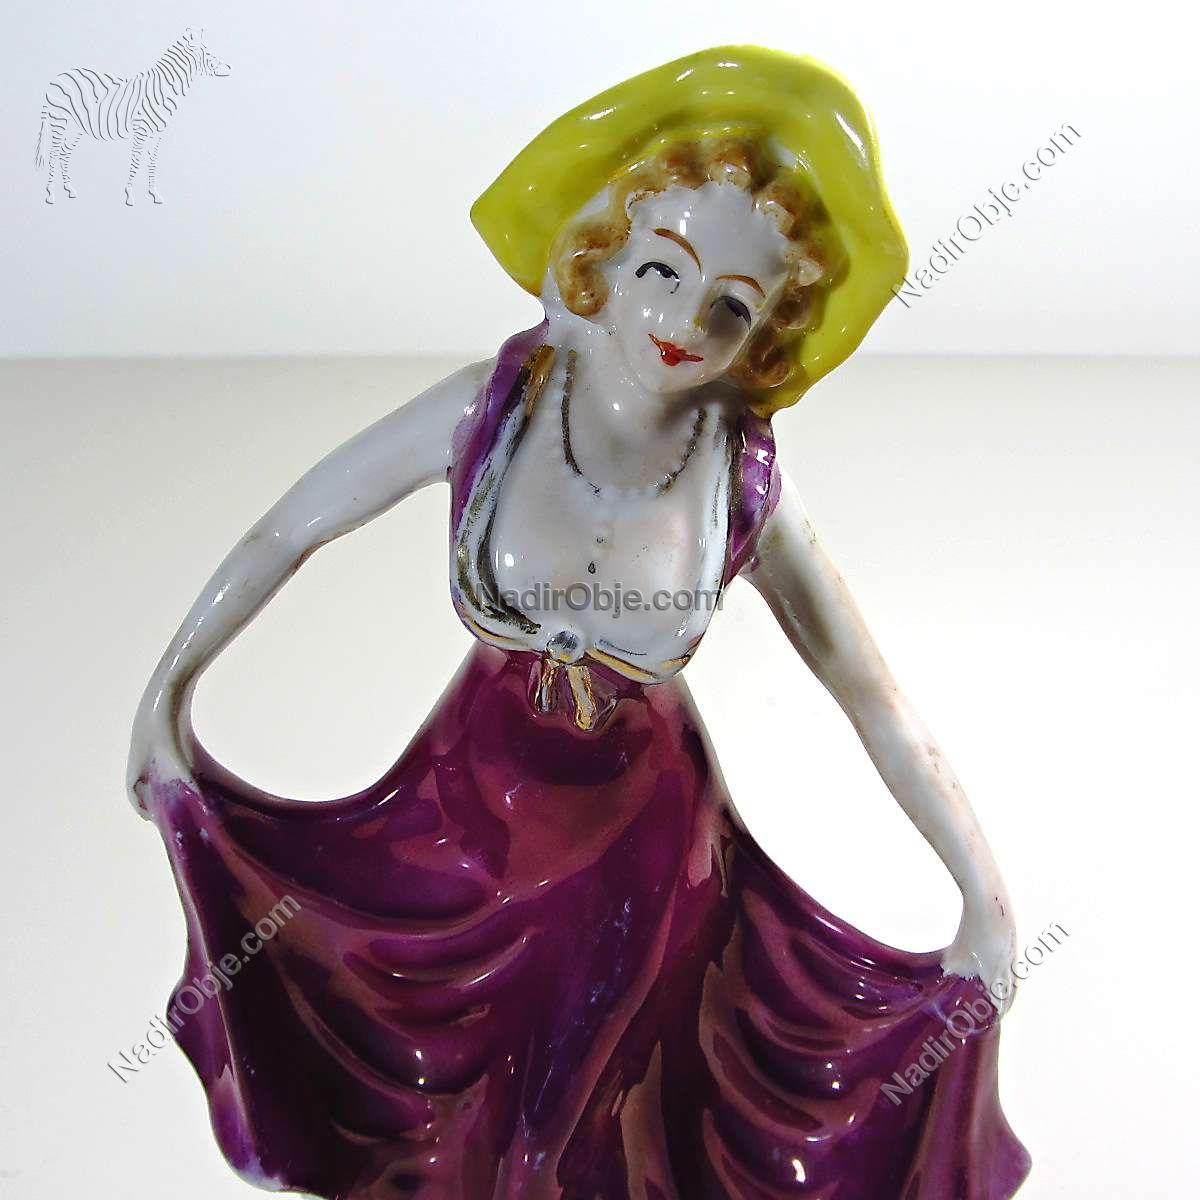 Rococo Porselen Dansçı Figürü Seramik-Porselen Objeler Biblo